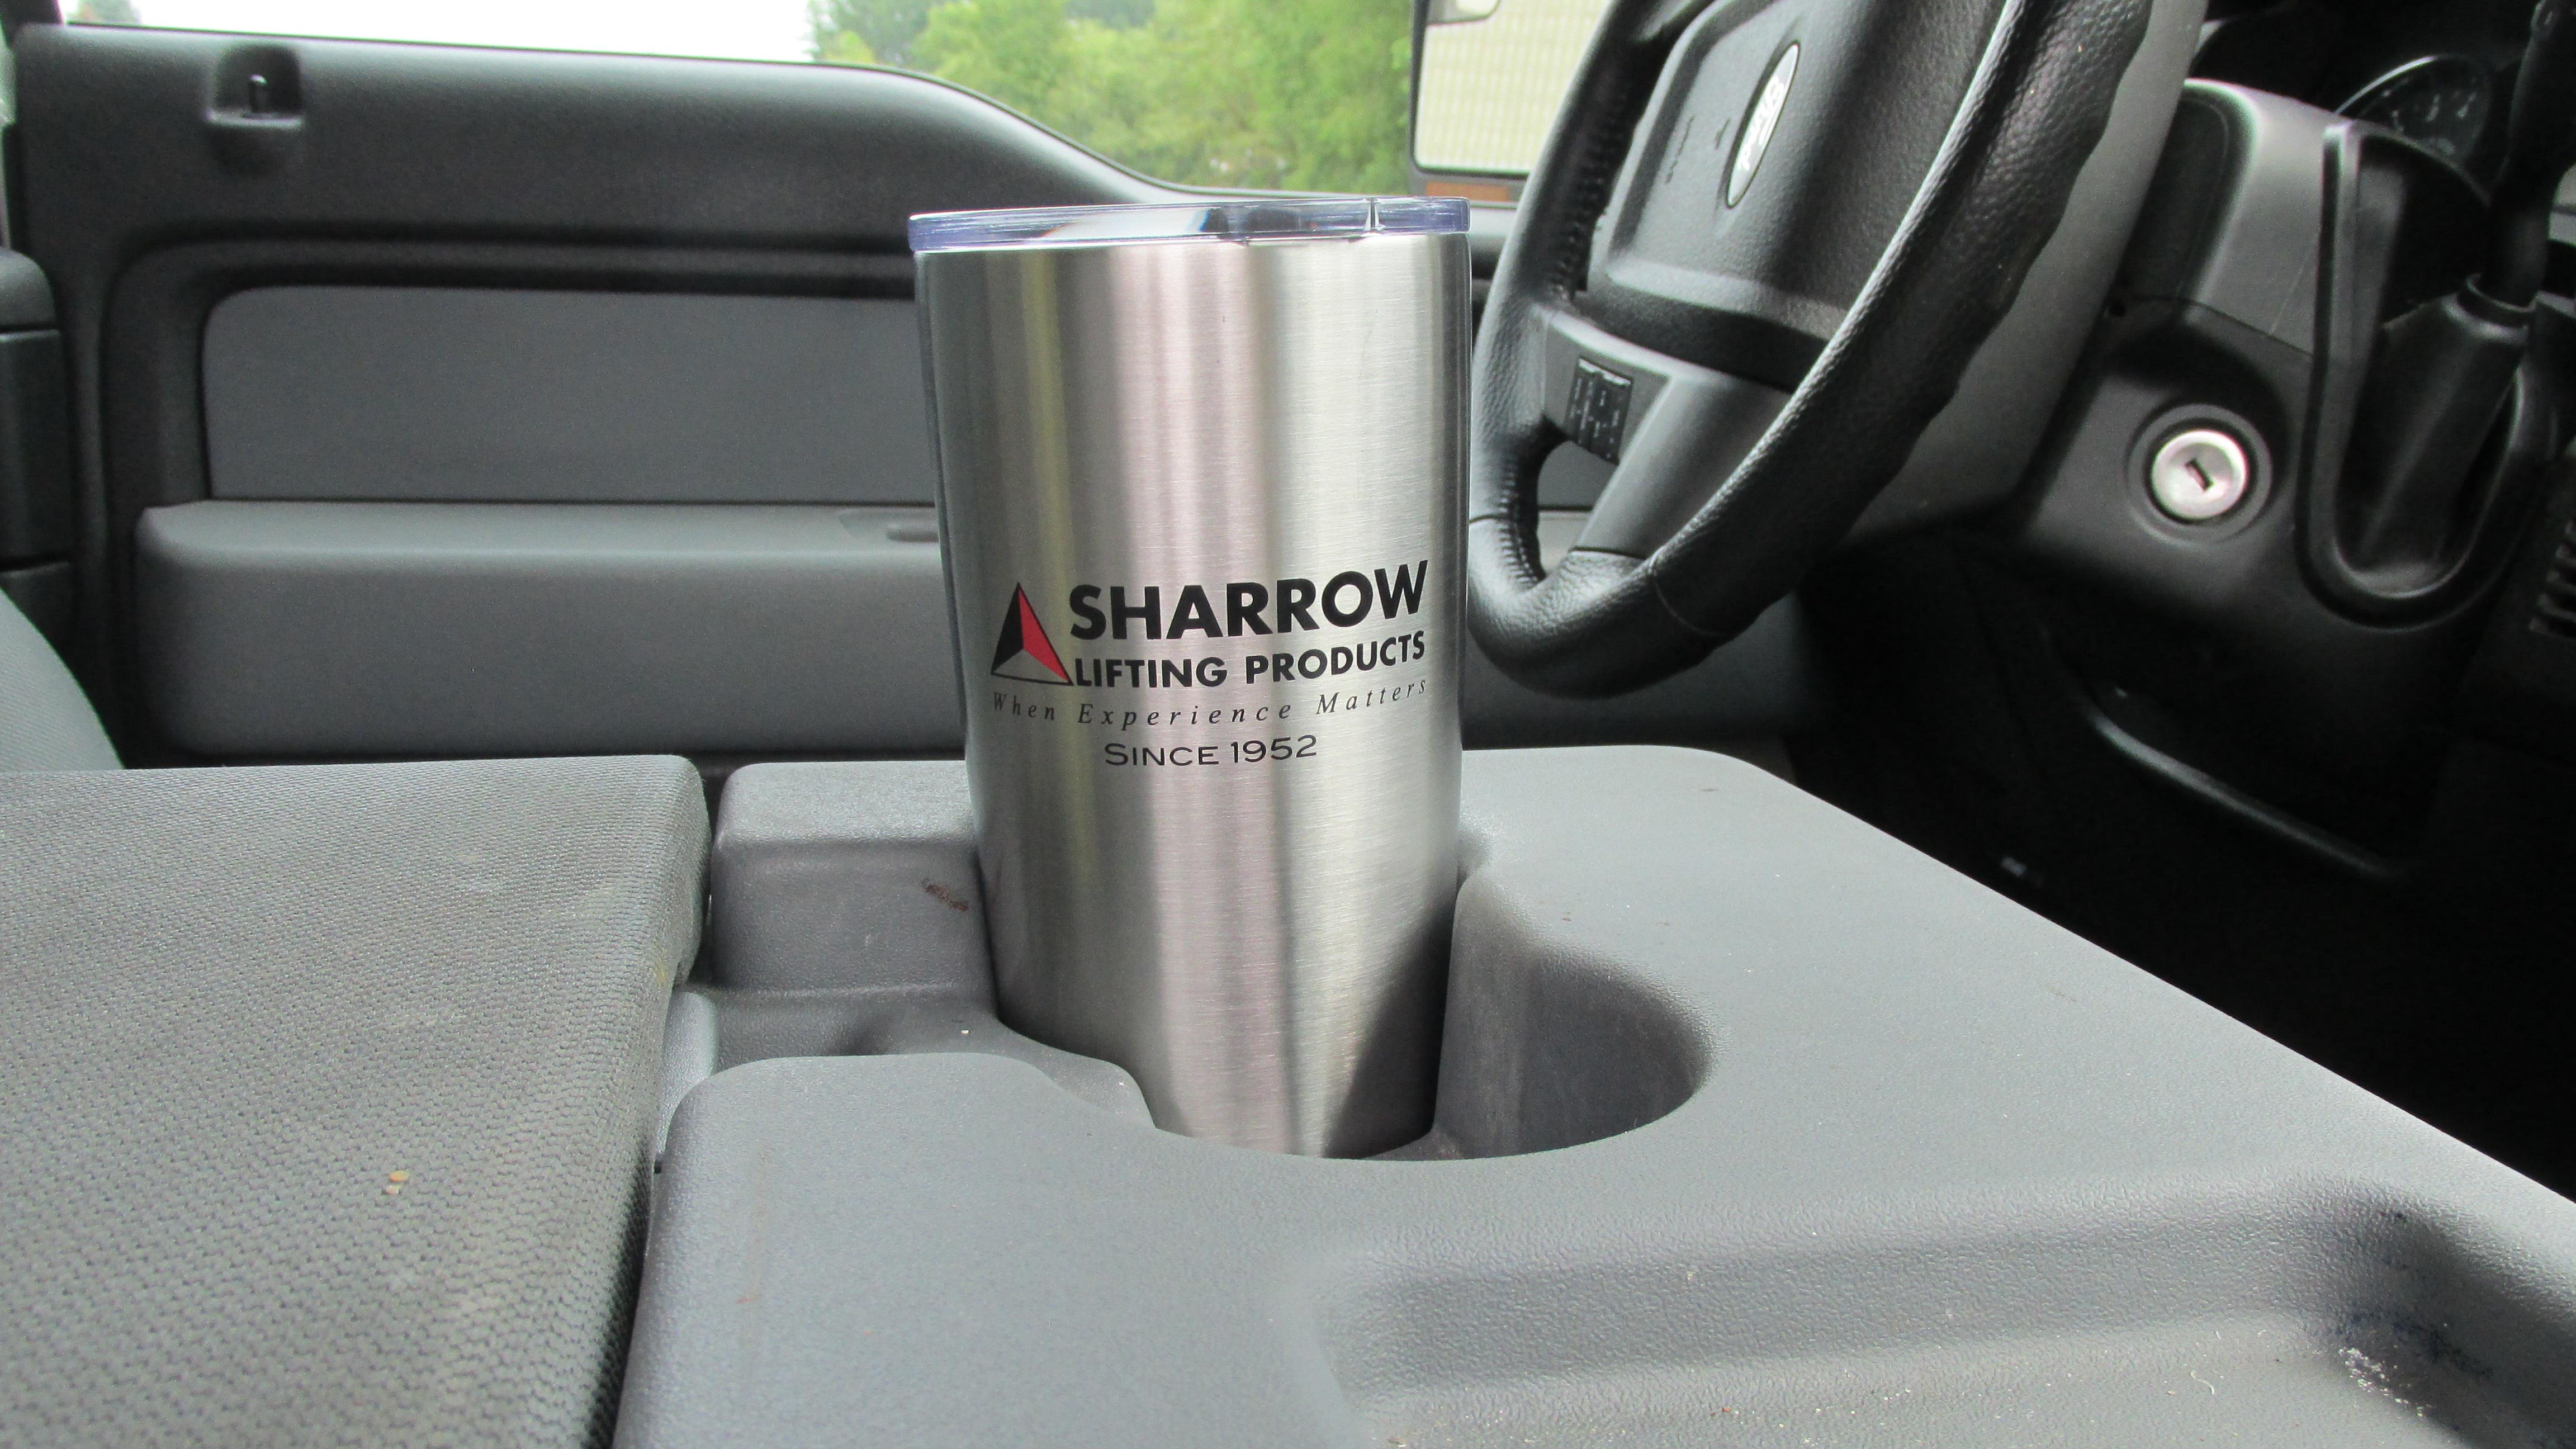 Sharrow Travel Mug